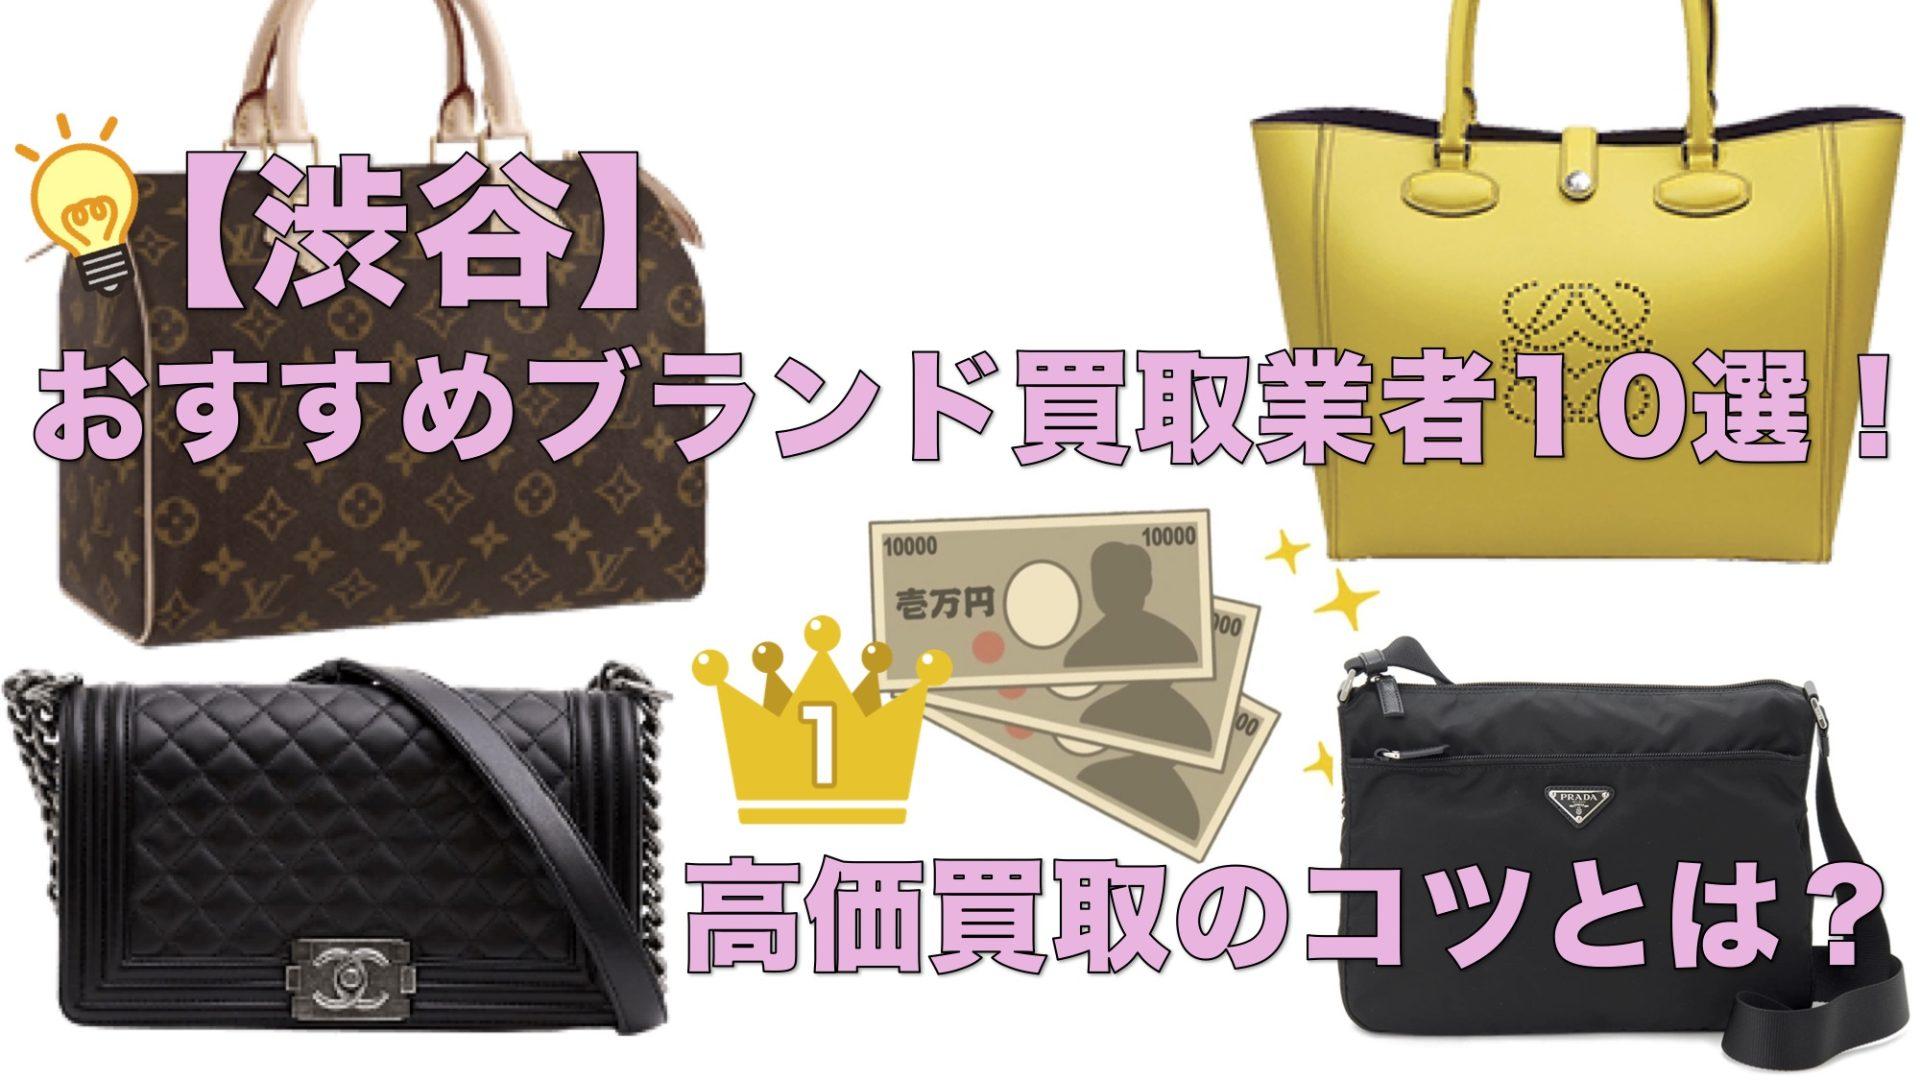 【渋谷】おすすめブランド買取業者10選!高価買取を狙うならココ! アイキャッチ画像